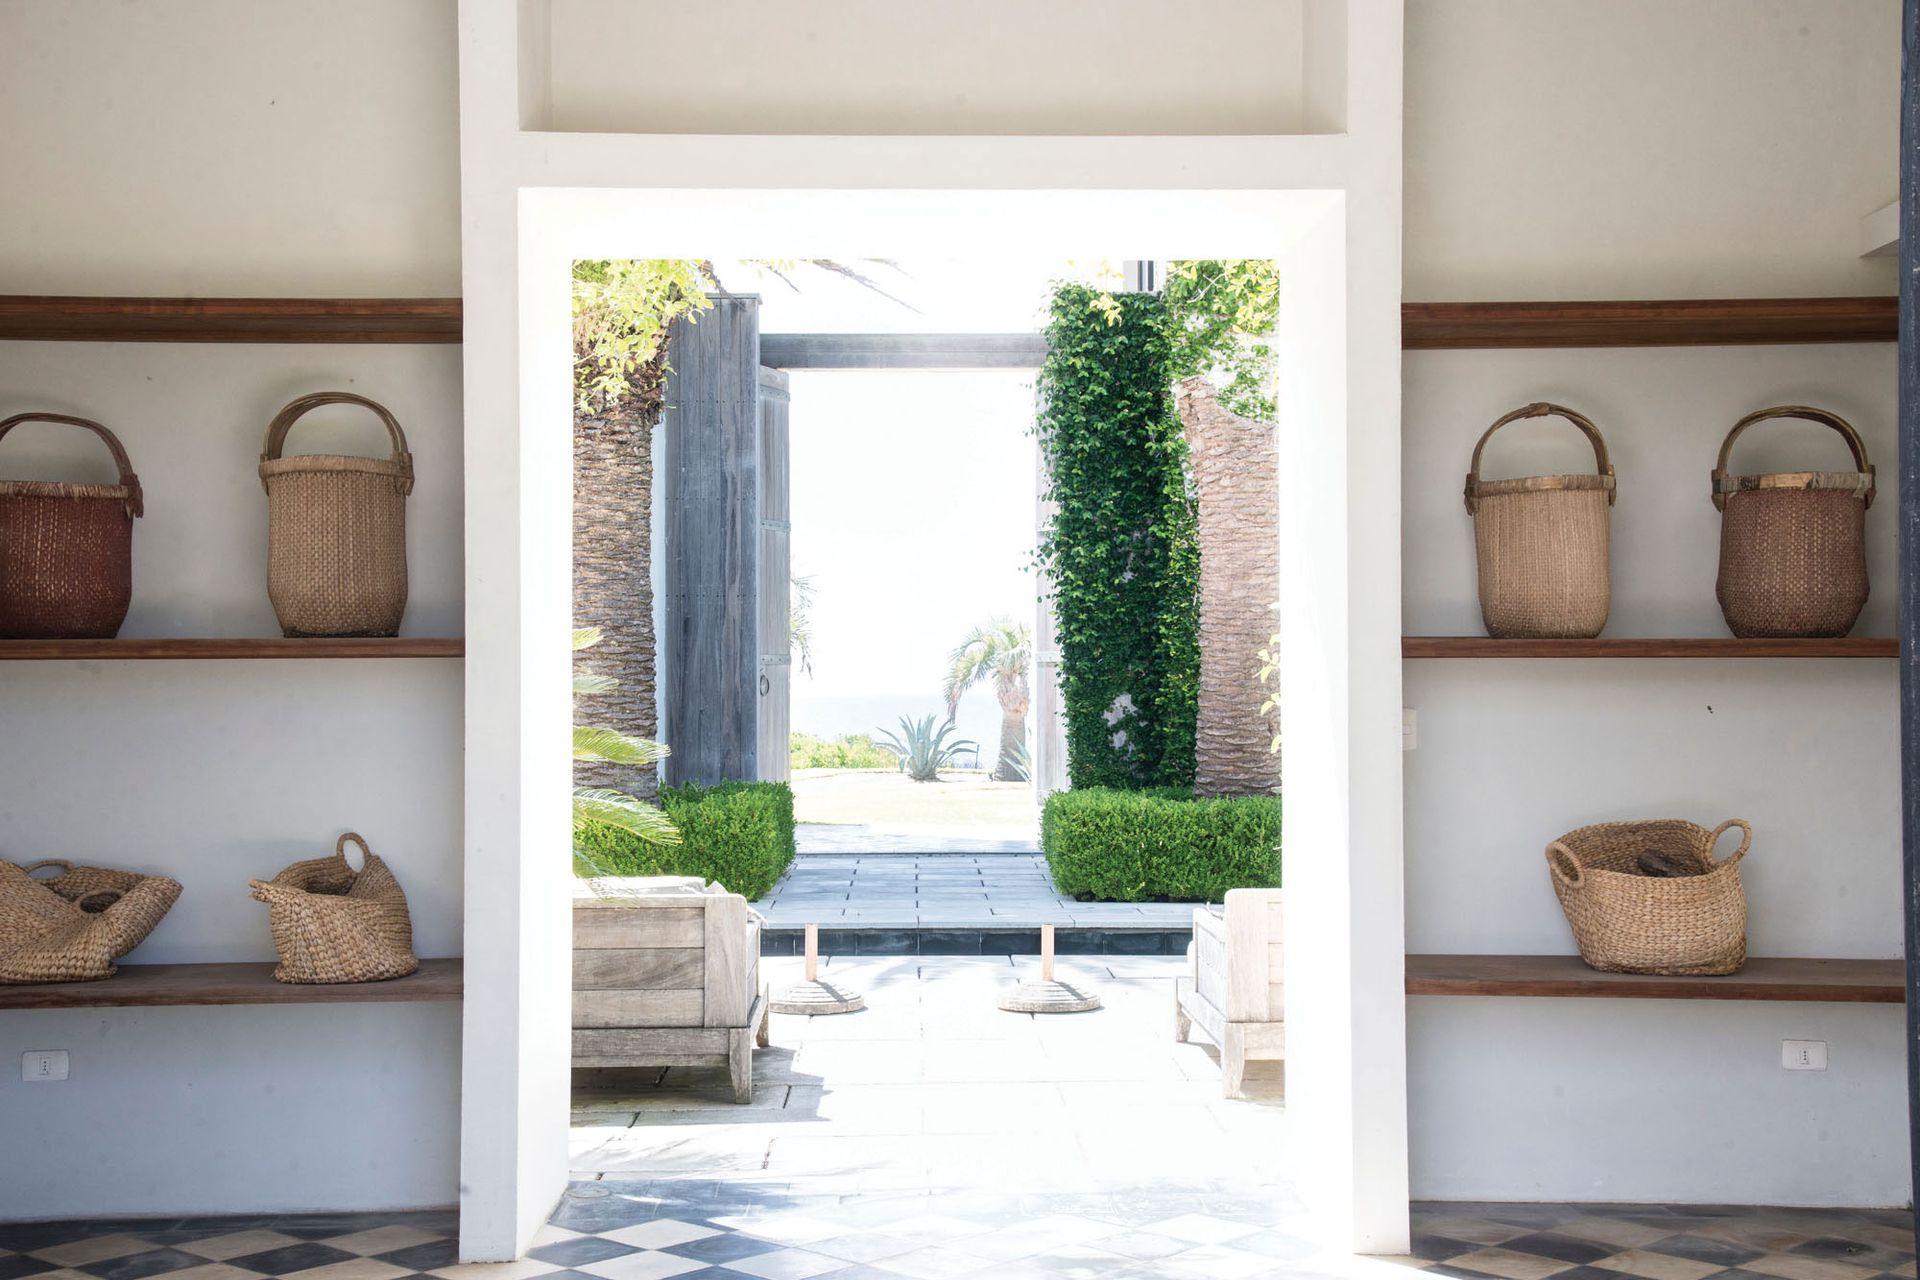 La entrada se continúa en un eje que pasa por el patio, y una enorme puerta de 5 metros de alto se abre para llegar hasta el mar.